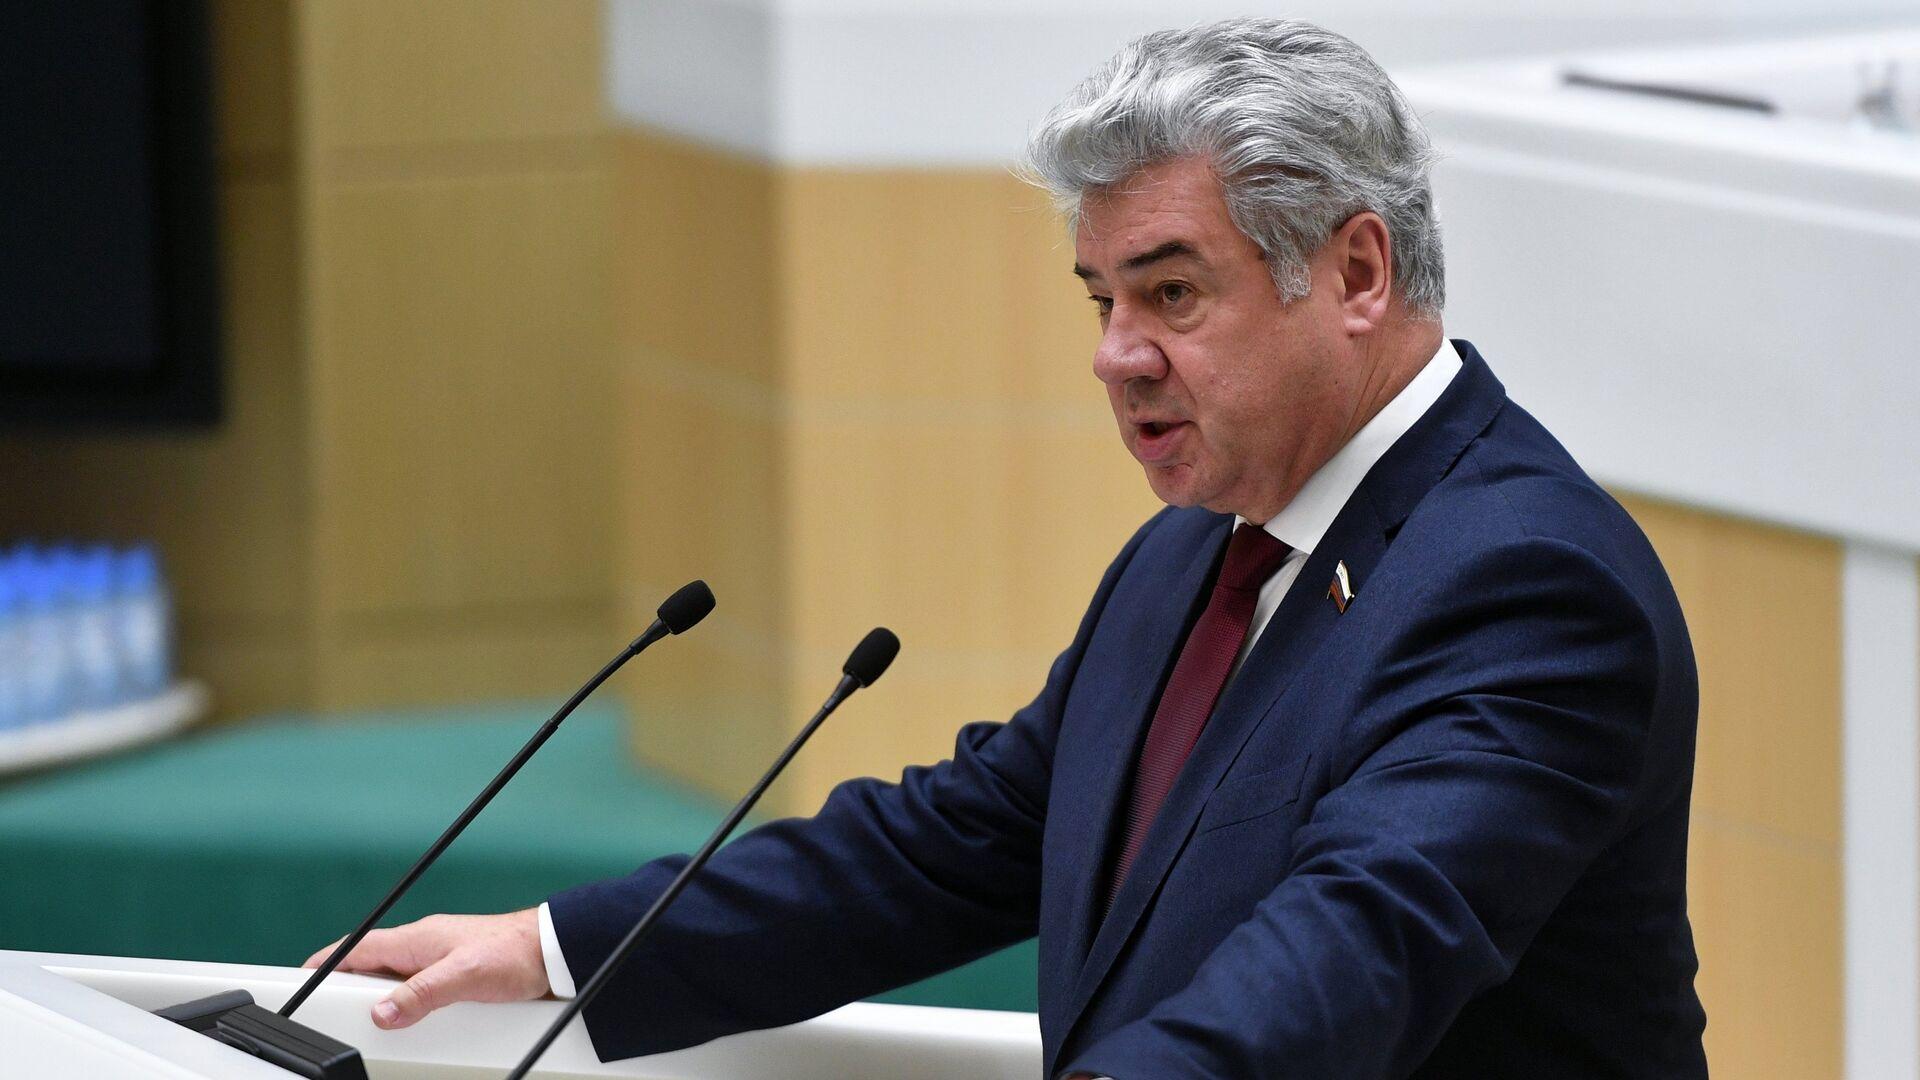 В Совфеде оценили законопроект об организации работы ФСБ и СВР